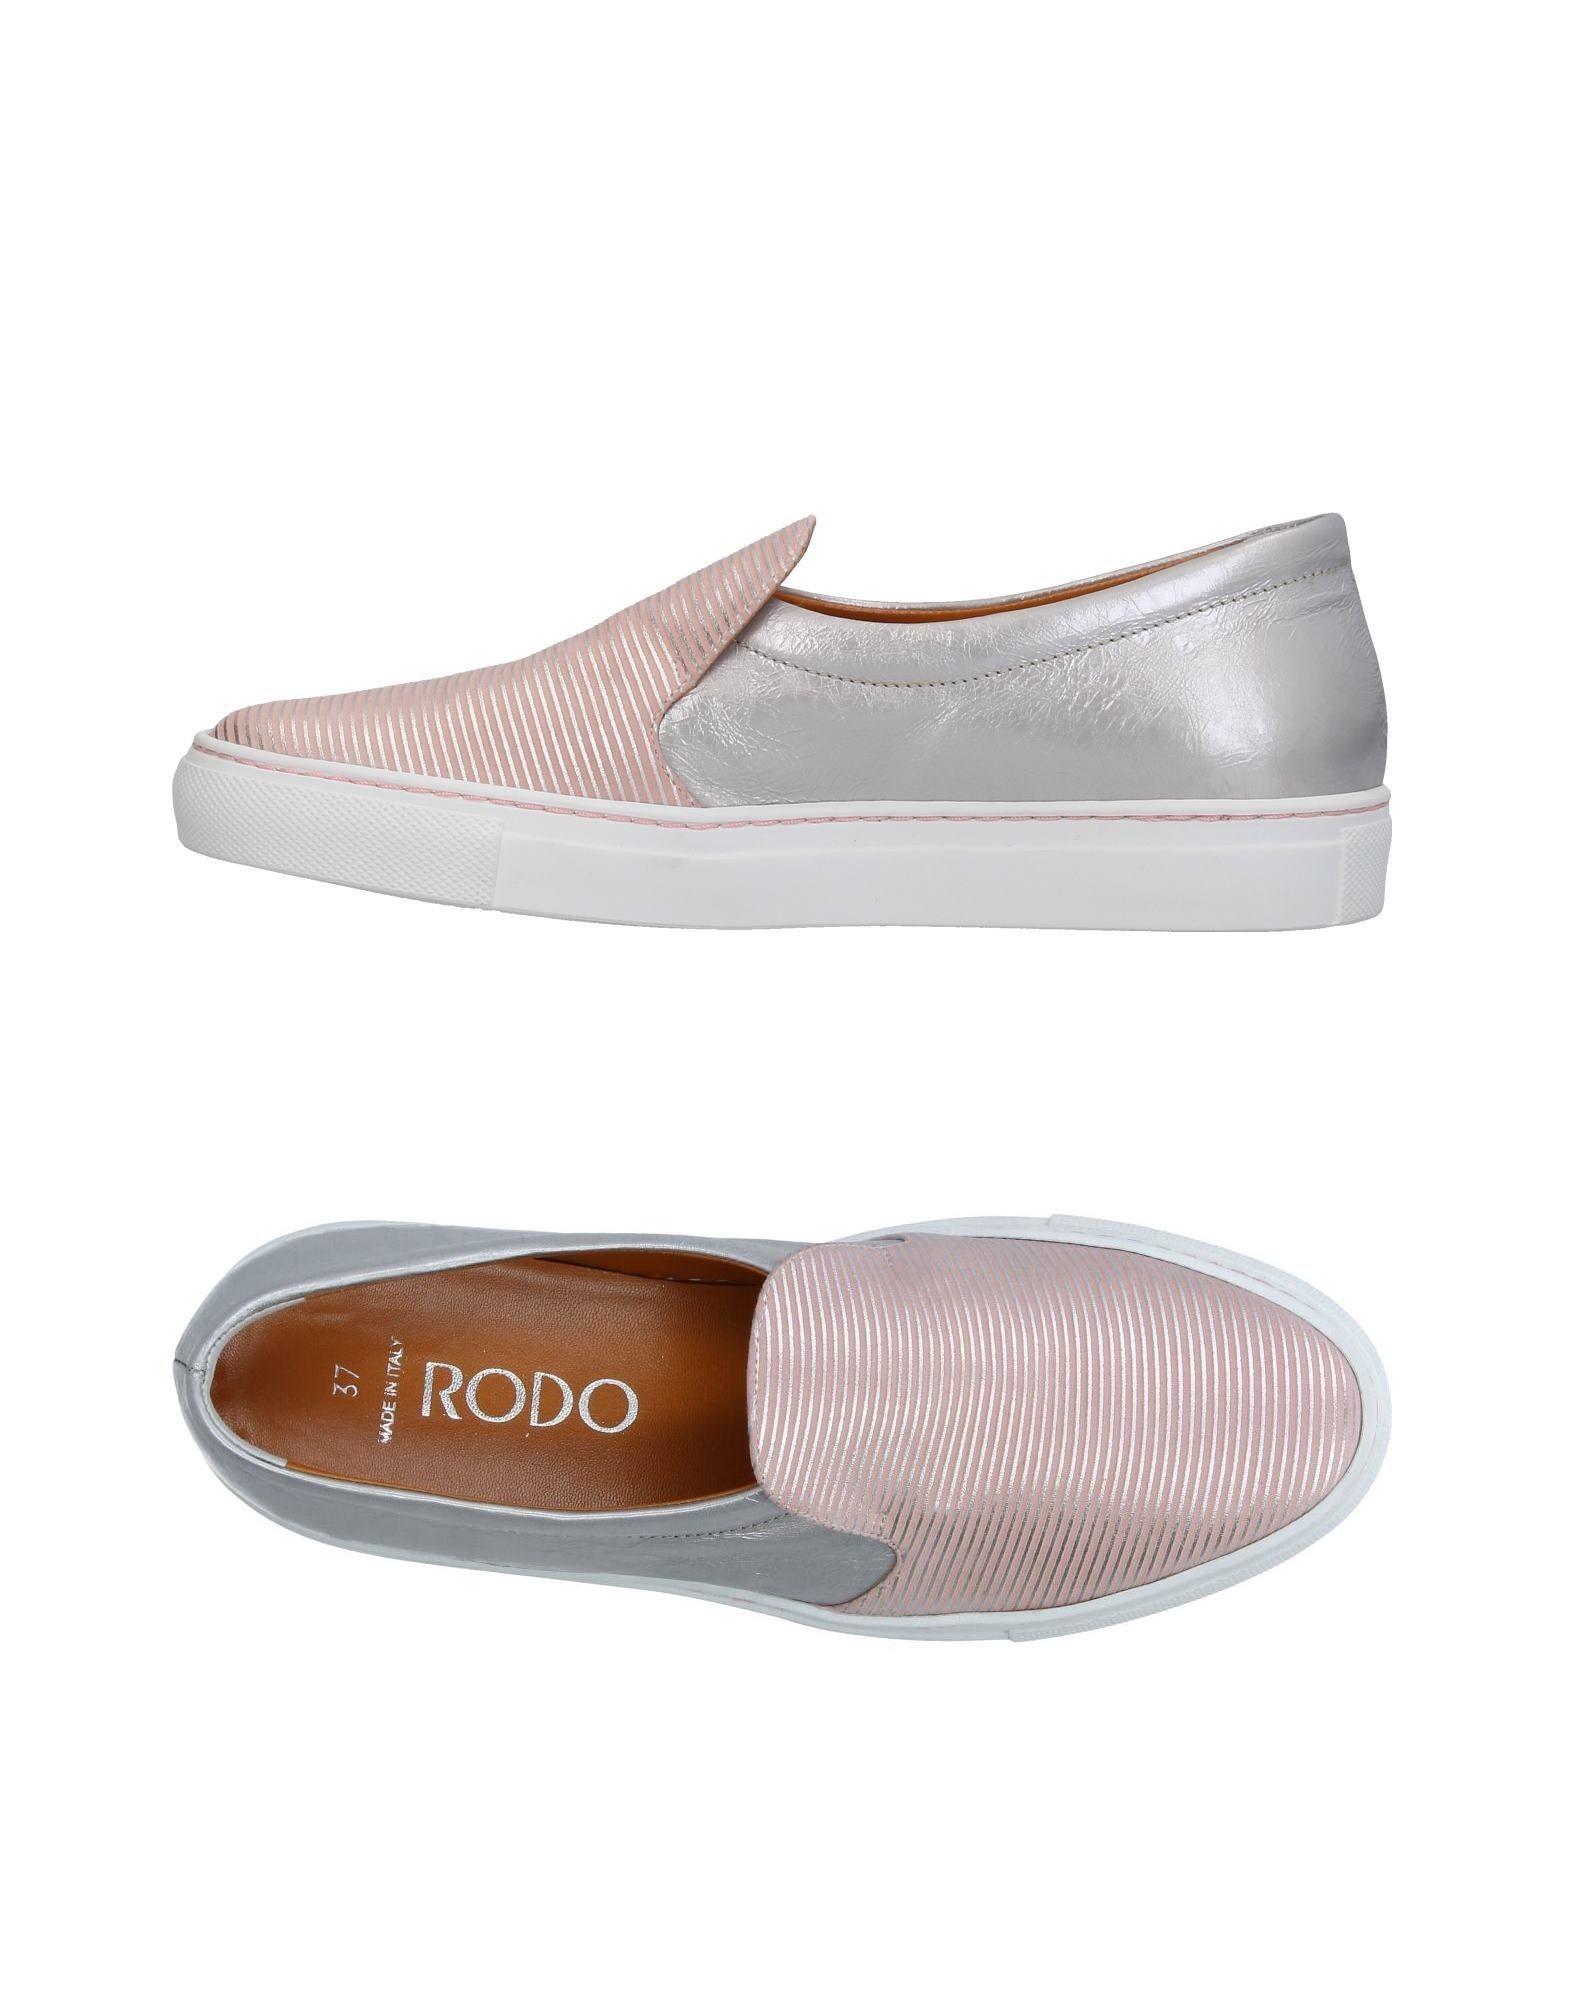 Baskets Rodo Femme - Baskets Rodo Rose Les chaussures les plus populaires pour les hommes et les femmes